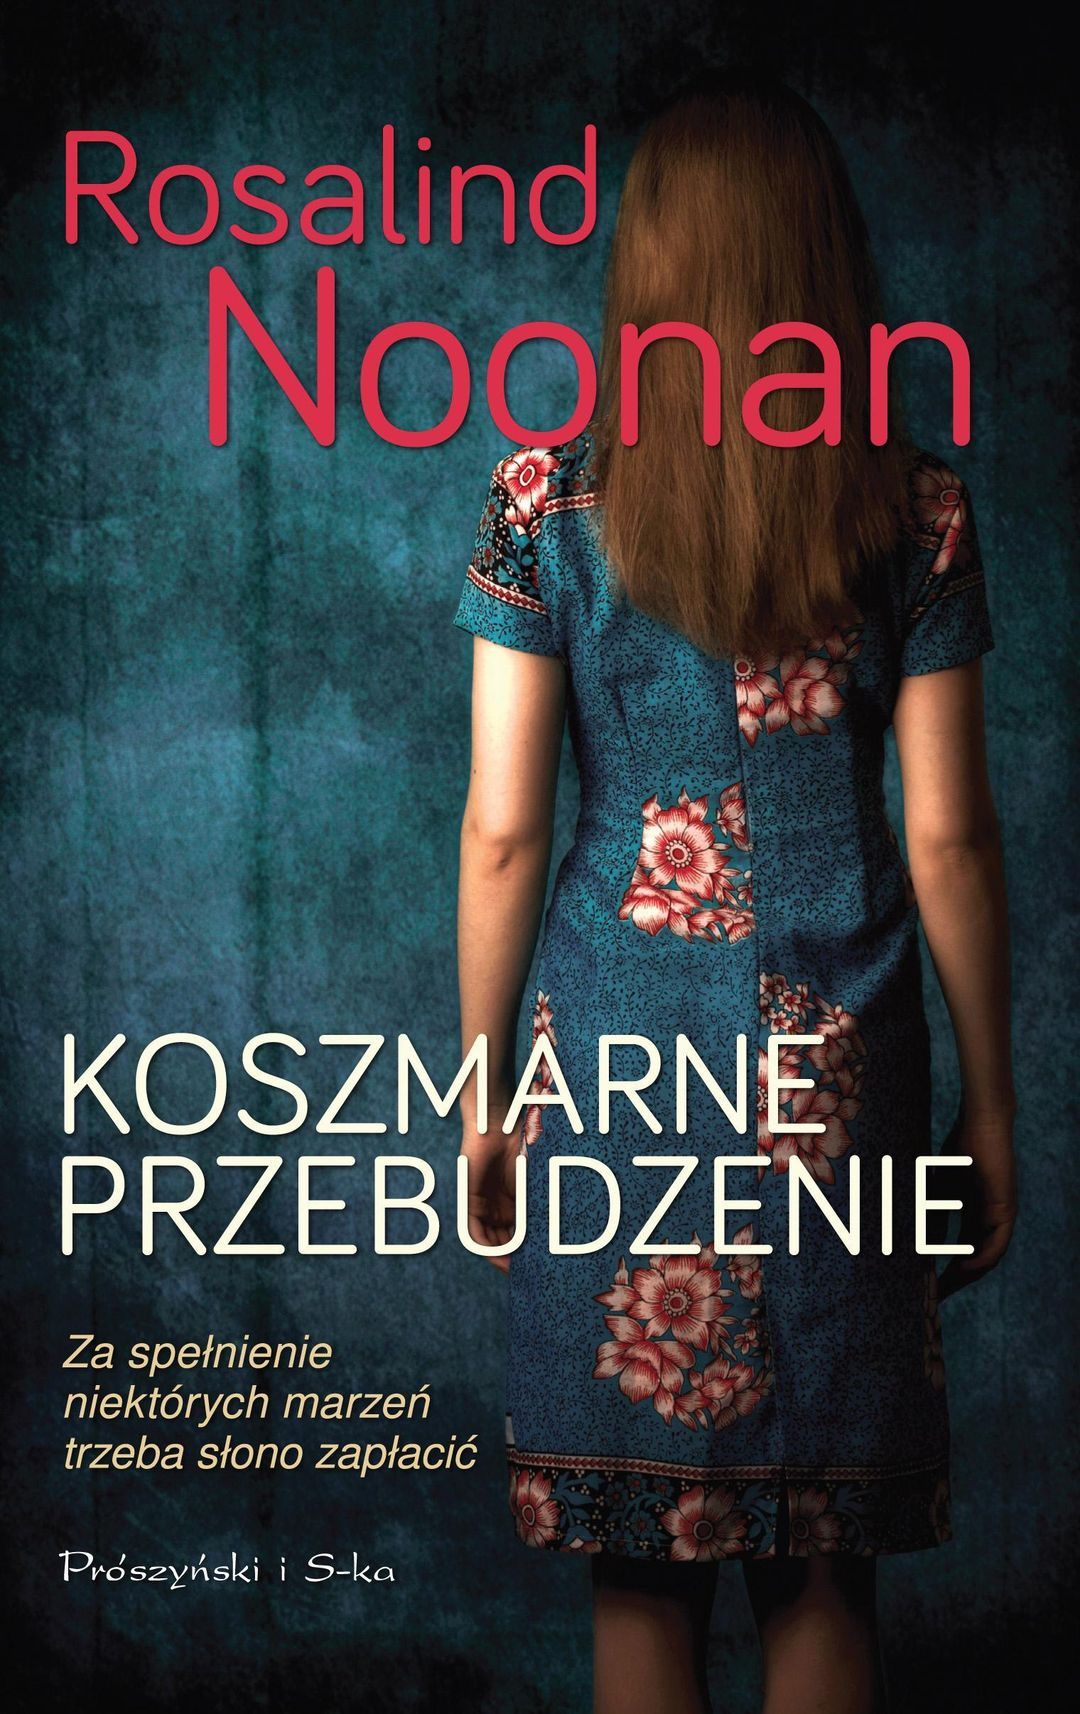 Noonan Rosalind – Koszmarne Przebudzenie